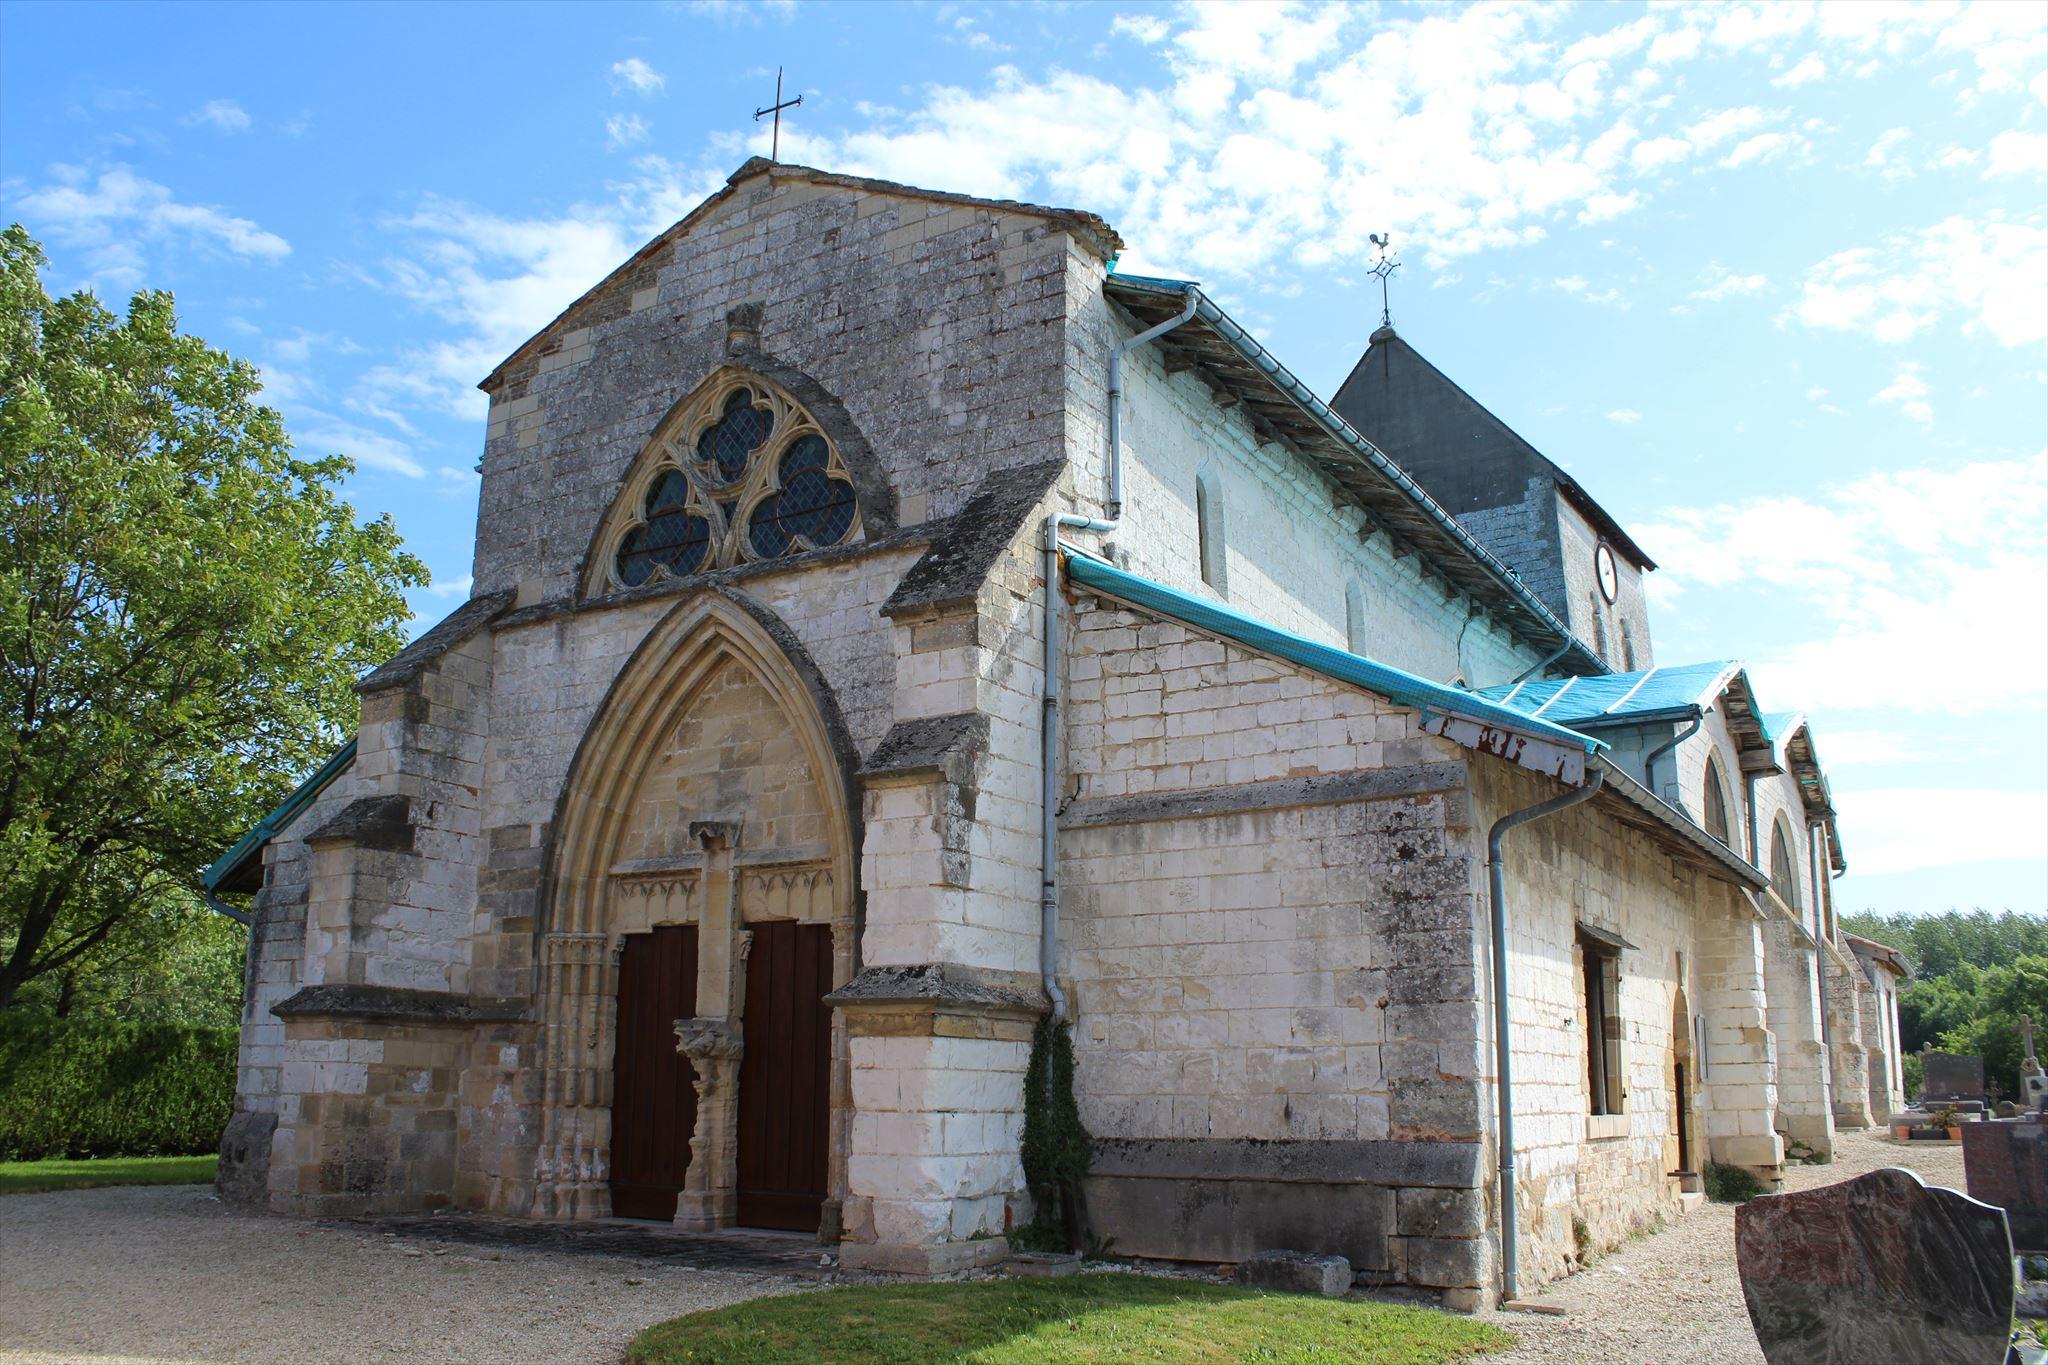 Linteau En Arc De Cercle eglise saint-memmie - courtisols, france - romanesque